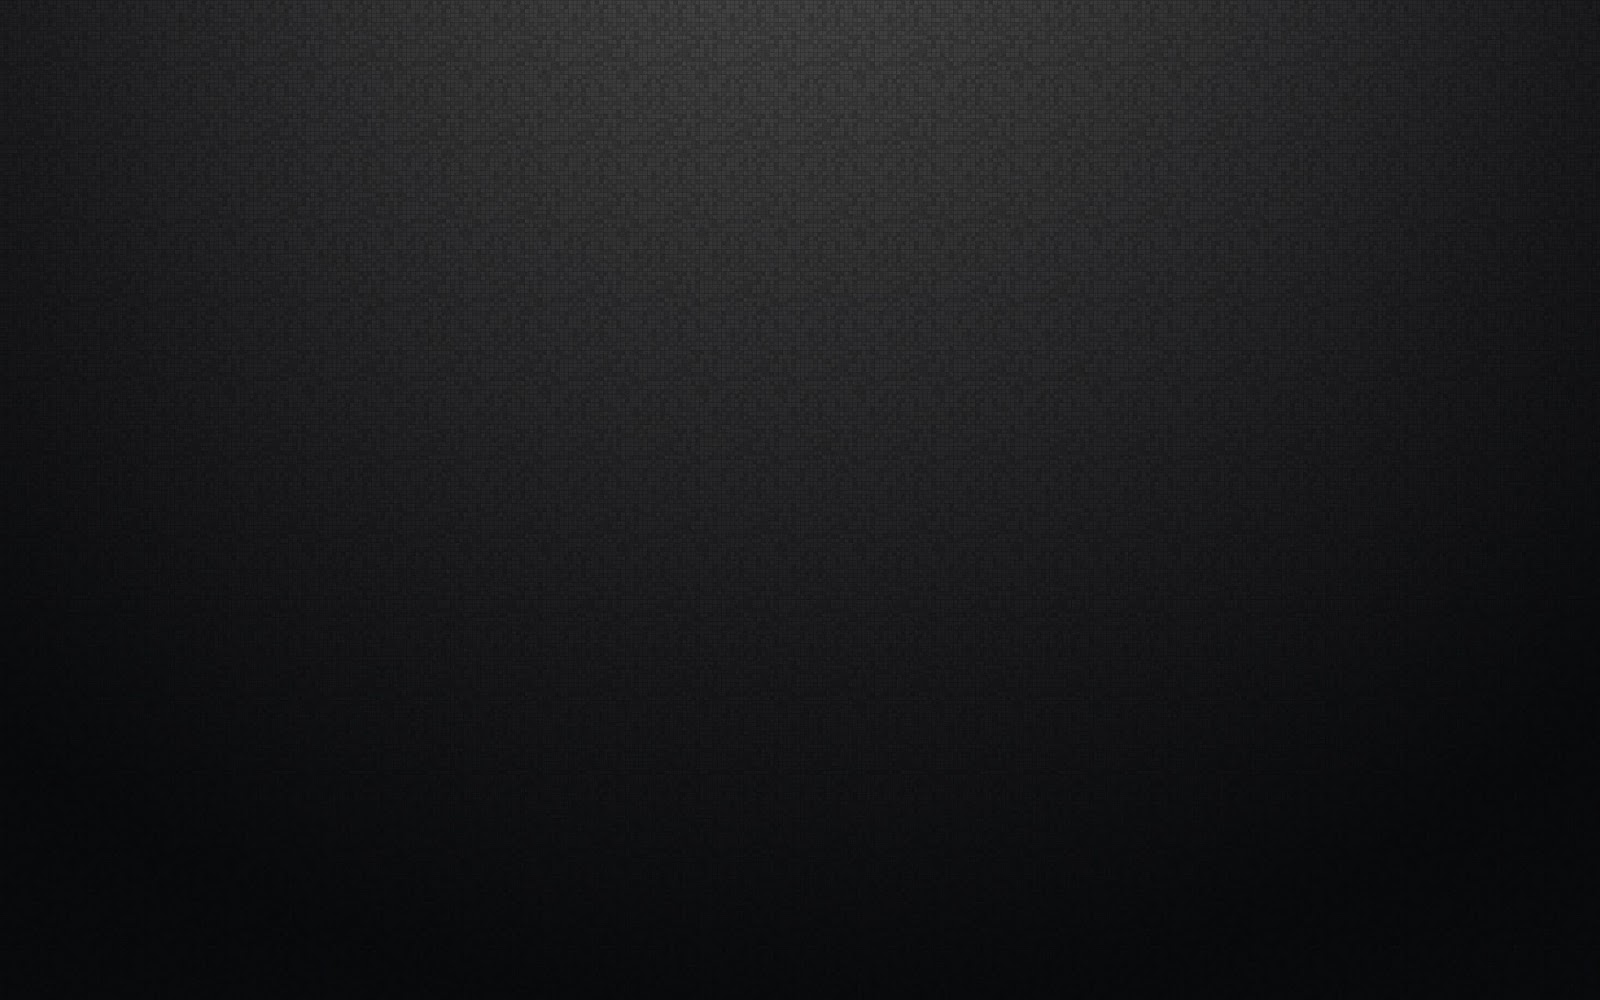 Solid Black Hd Wallpaper 9 Cool Wallpaper ...